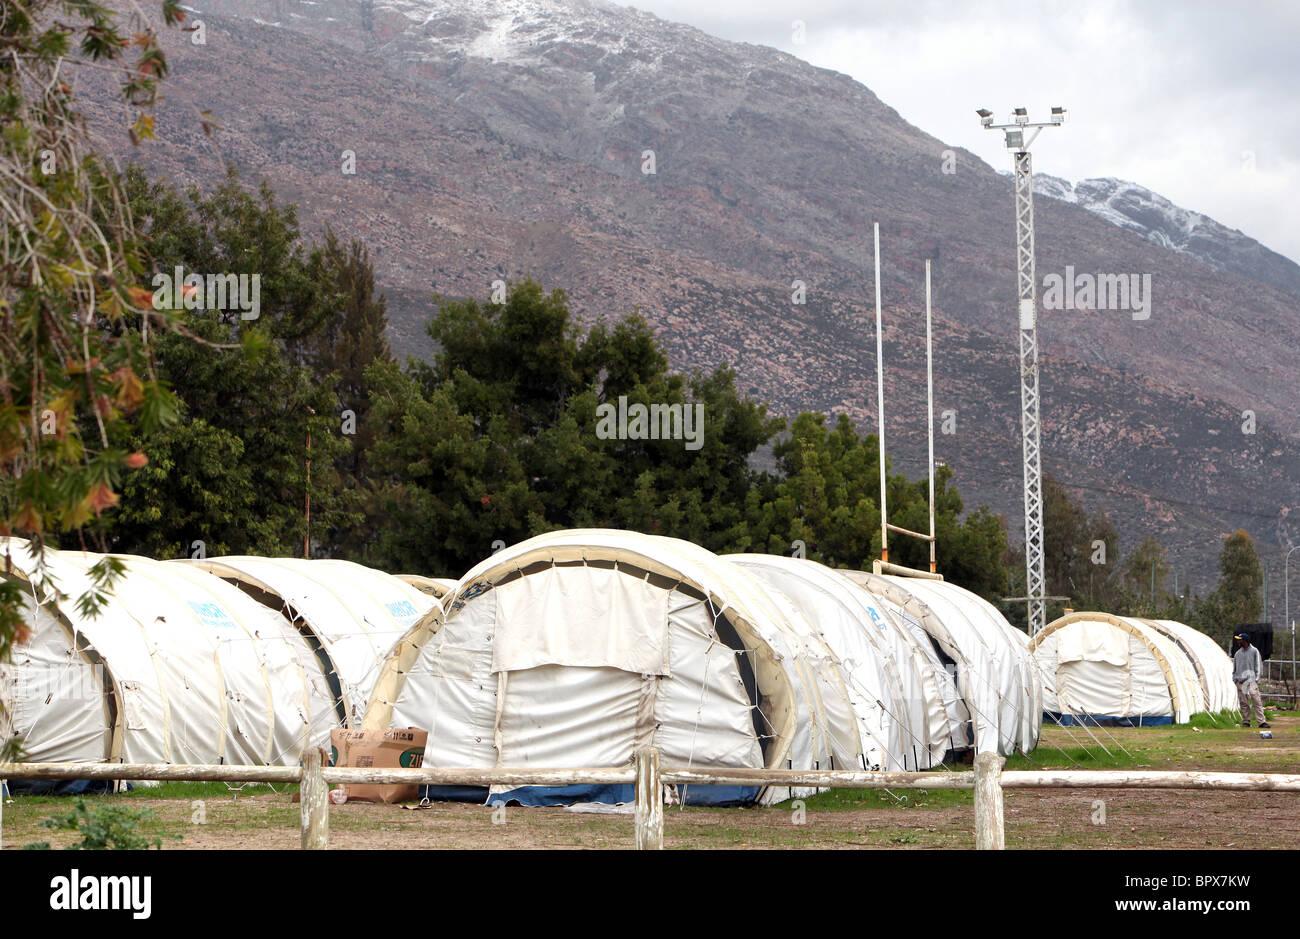 Afrique du Sud: les réfugiés du Zimbabwe sont encore logés dans des tentes au camp de réfugiés Photo Stock